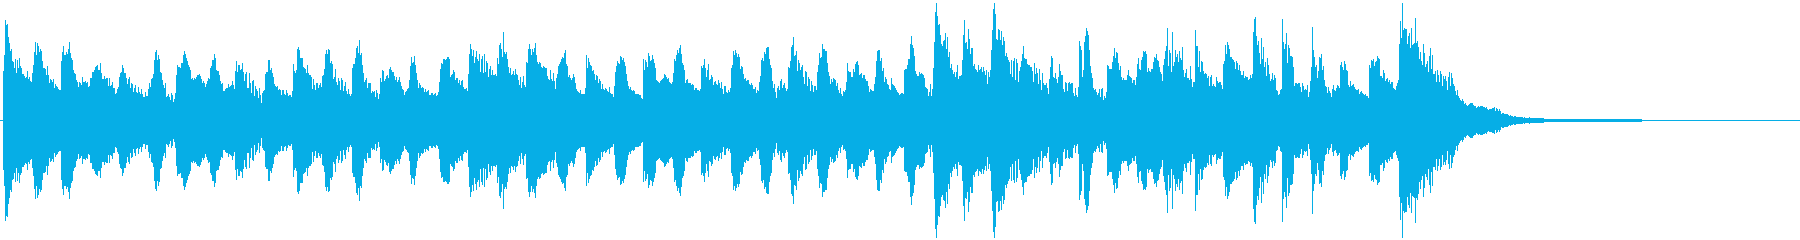 オーガニックなミニマルミュージック15秒の再生済みの波形